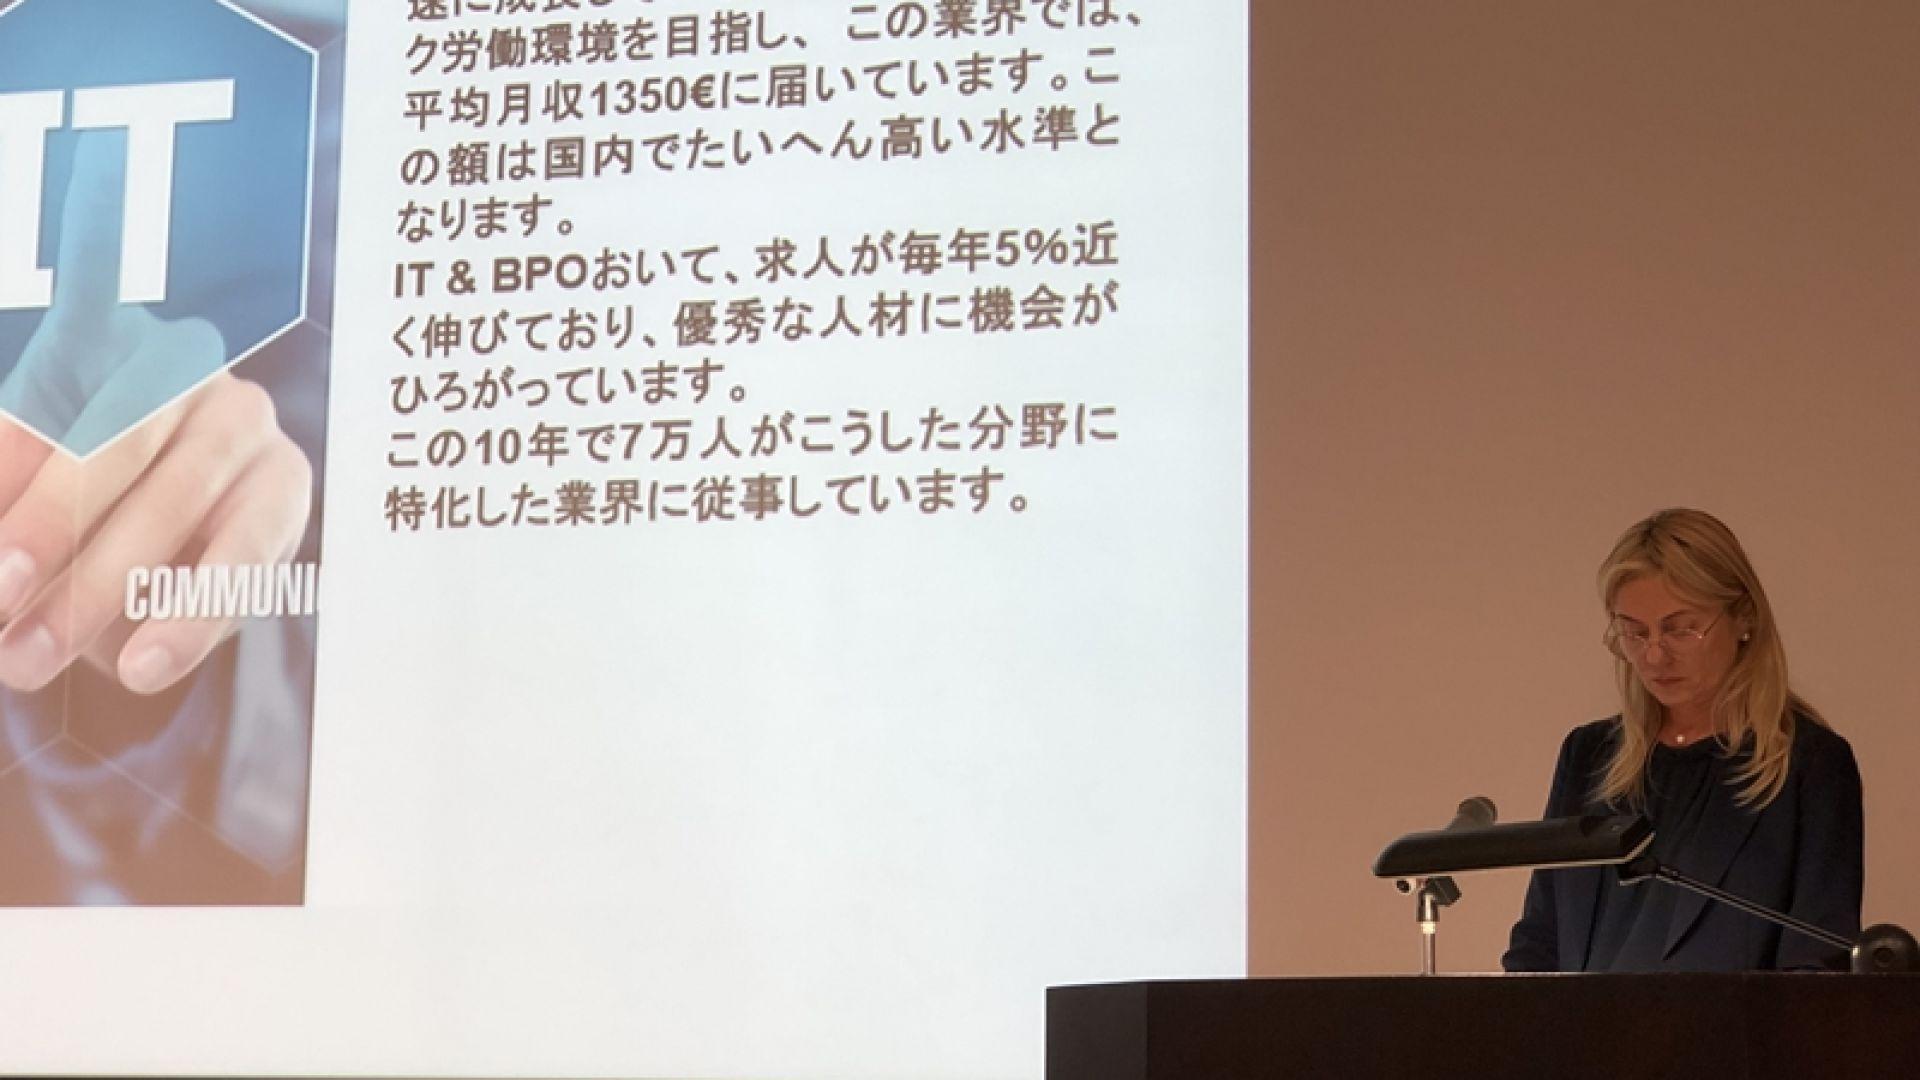 Япония има интерес да инвестира в производство на медицинска апаратура, аутомотив и енергийния сектор в България